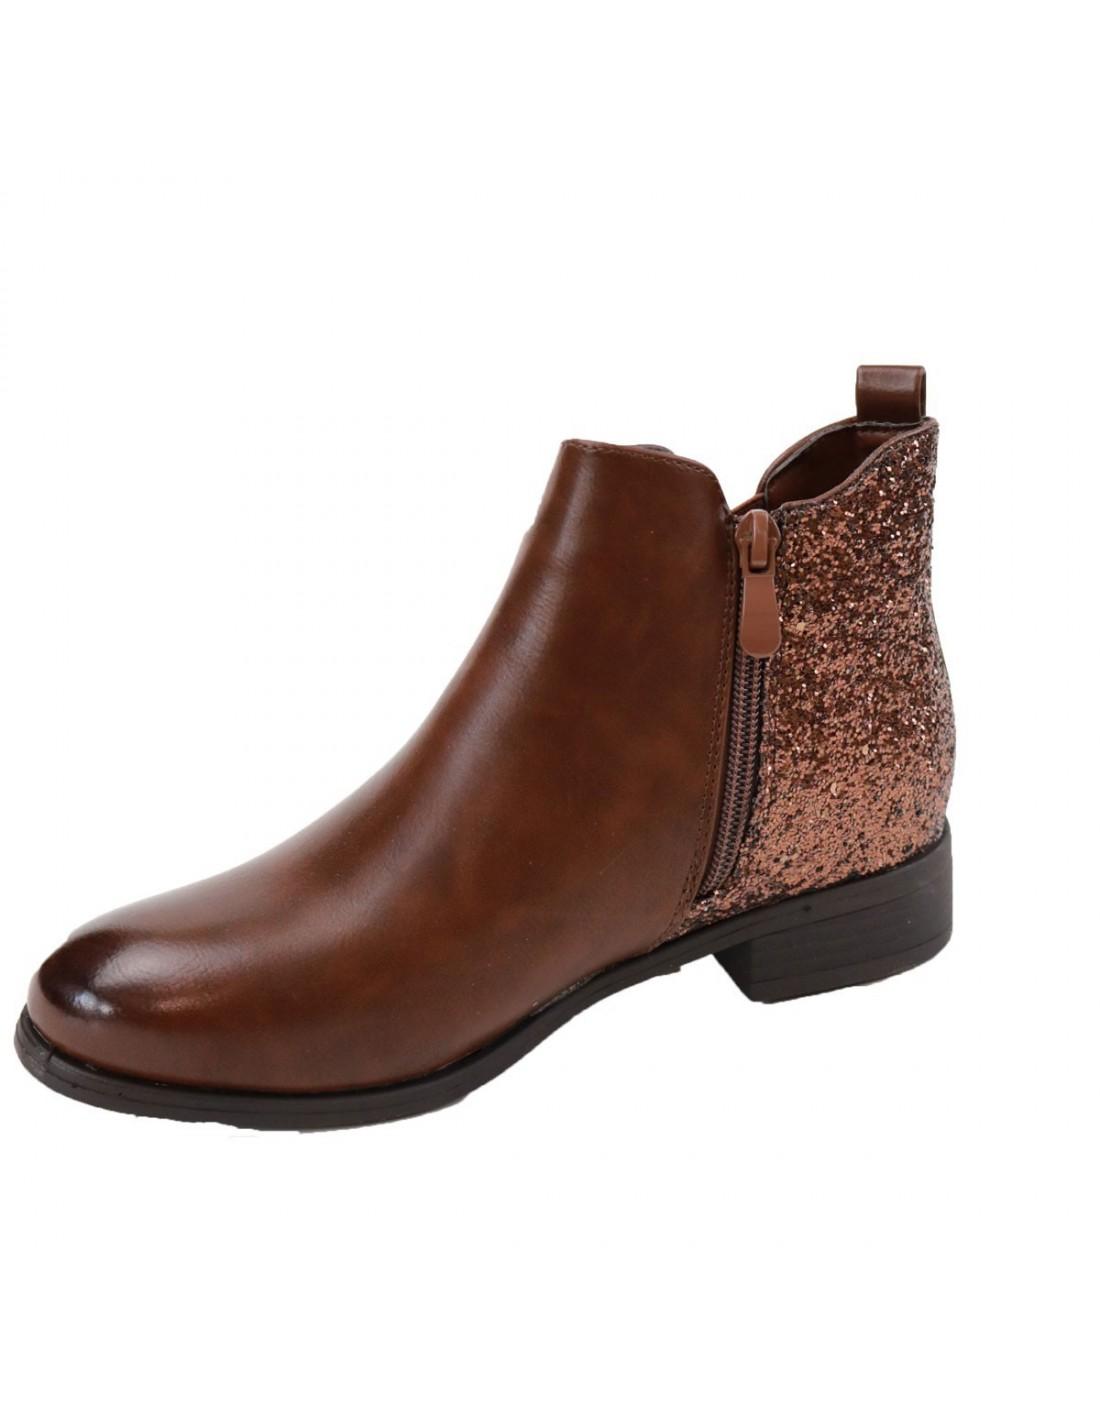 bottines femme chelsea marron simili cuir et paillettes. Black Bedroom Furniture Sets. Home Design Ideas